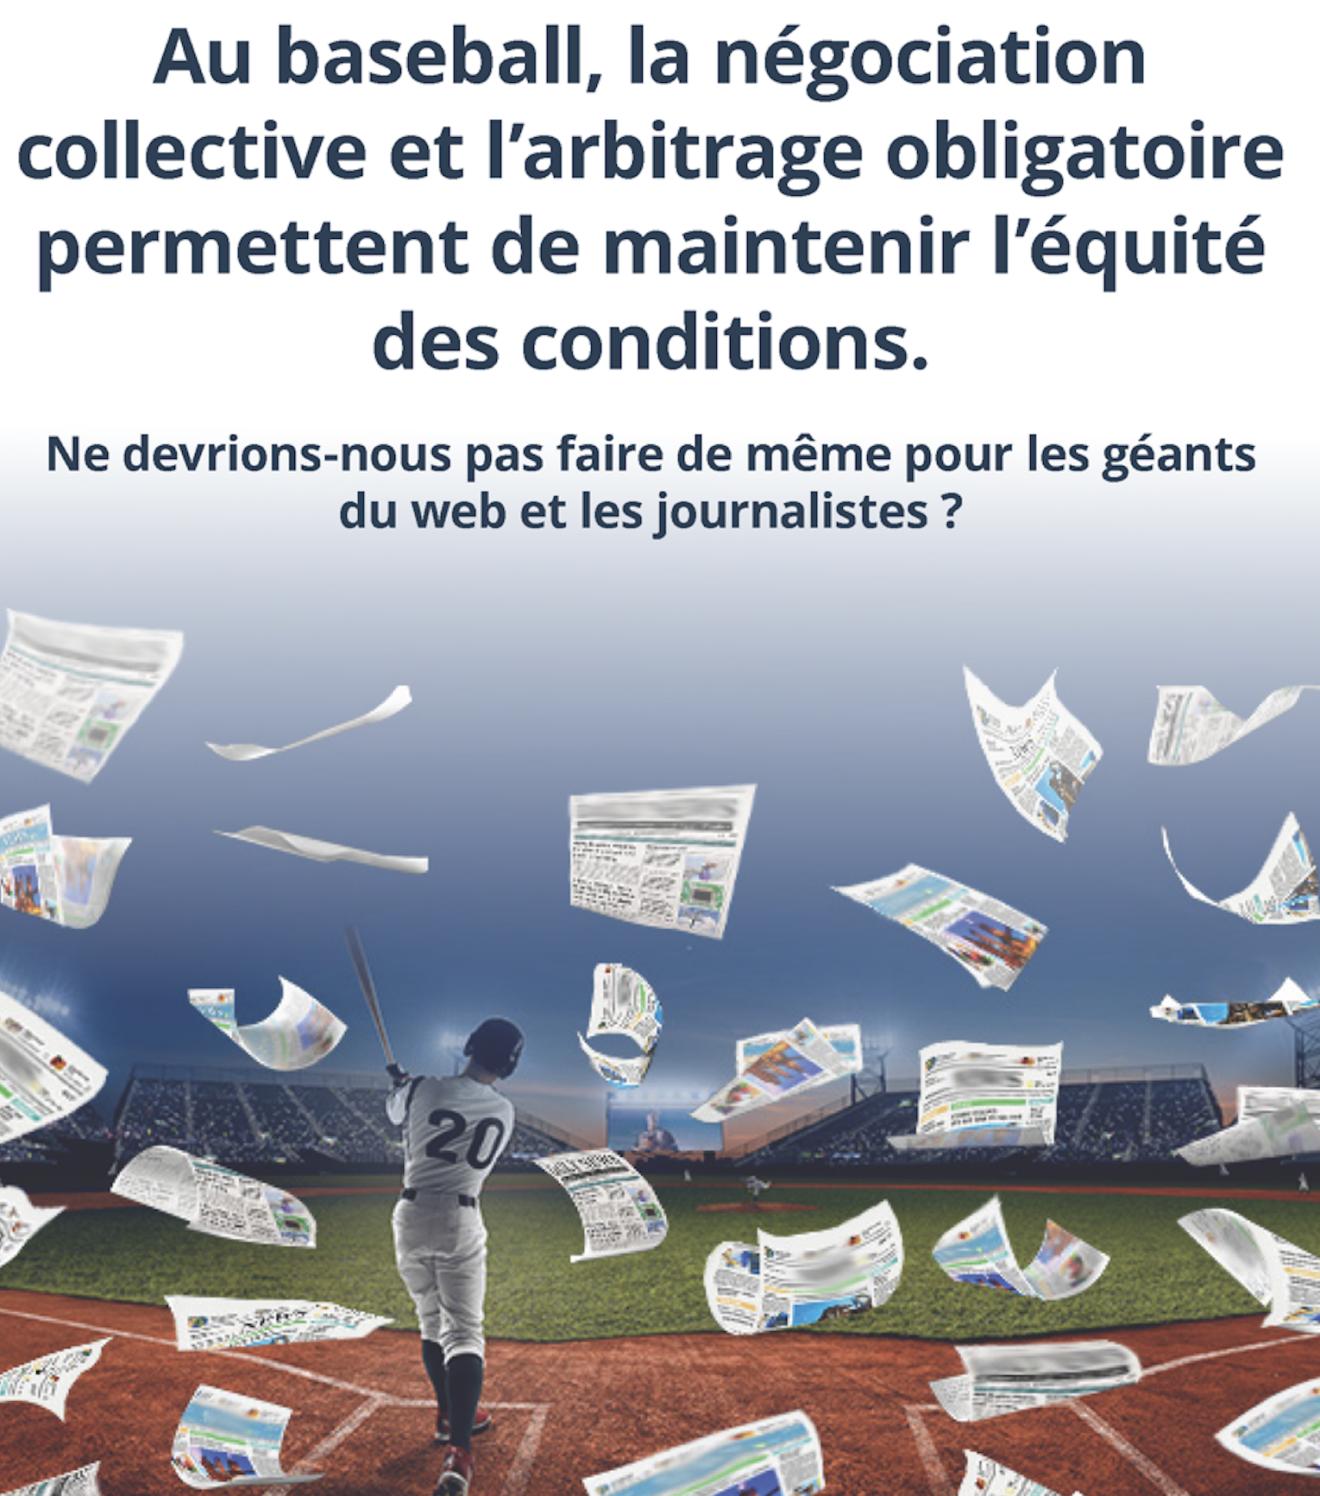 Une nouvelle campagne publicitaire prépare le terrain pour la publication du rapport de consultation du gouvernement sur les plateformes numériques